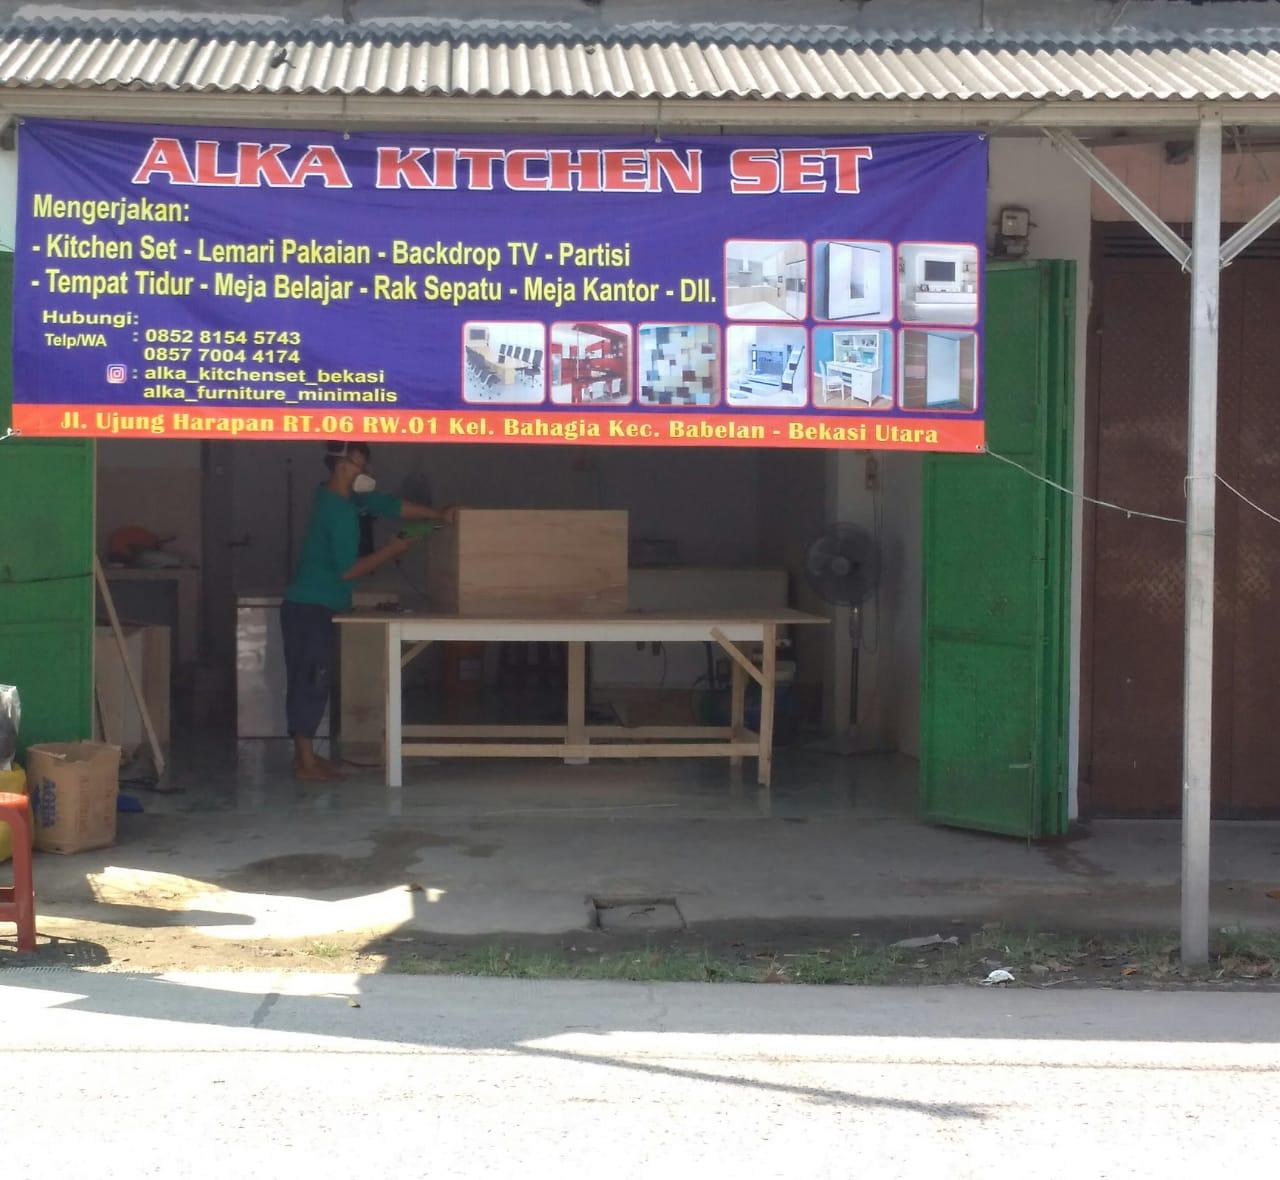 alka kitchen set bekasi - Jasa Kitchen Set Bekasi